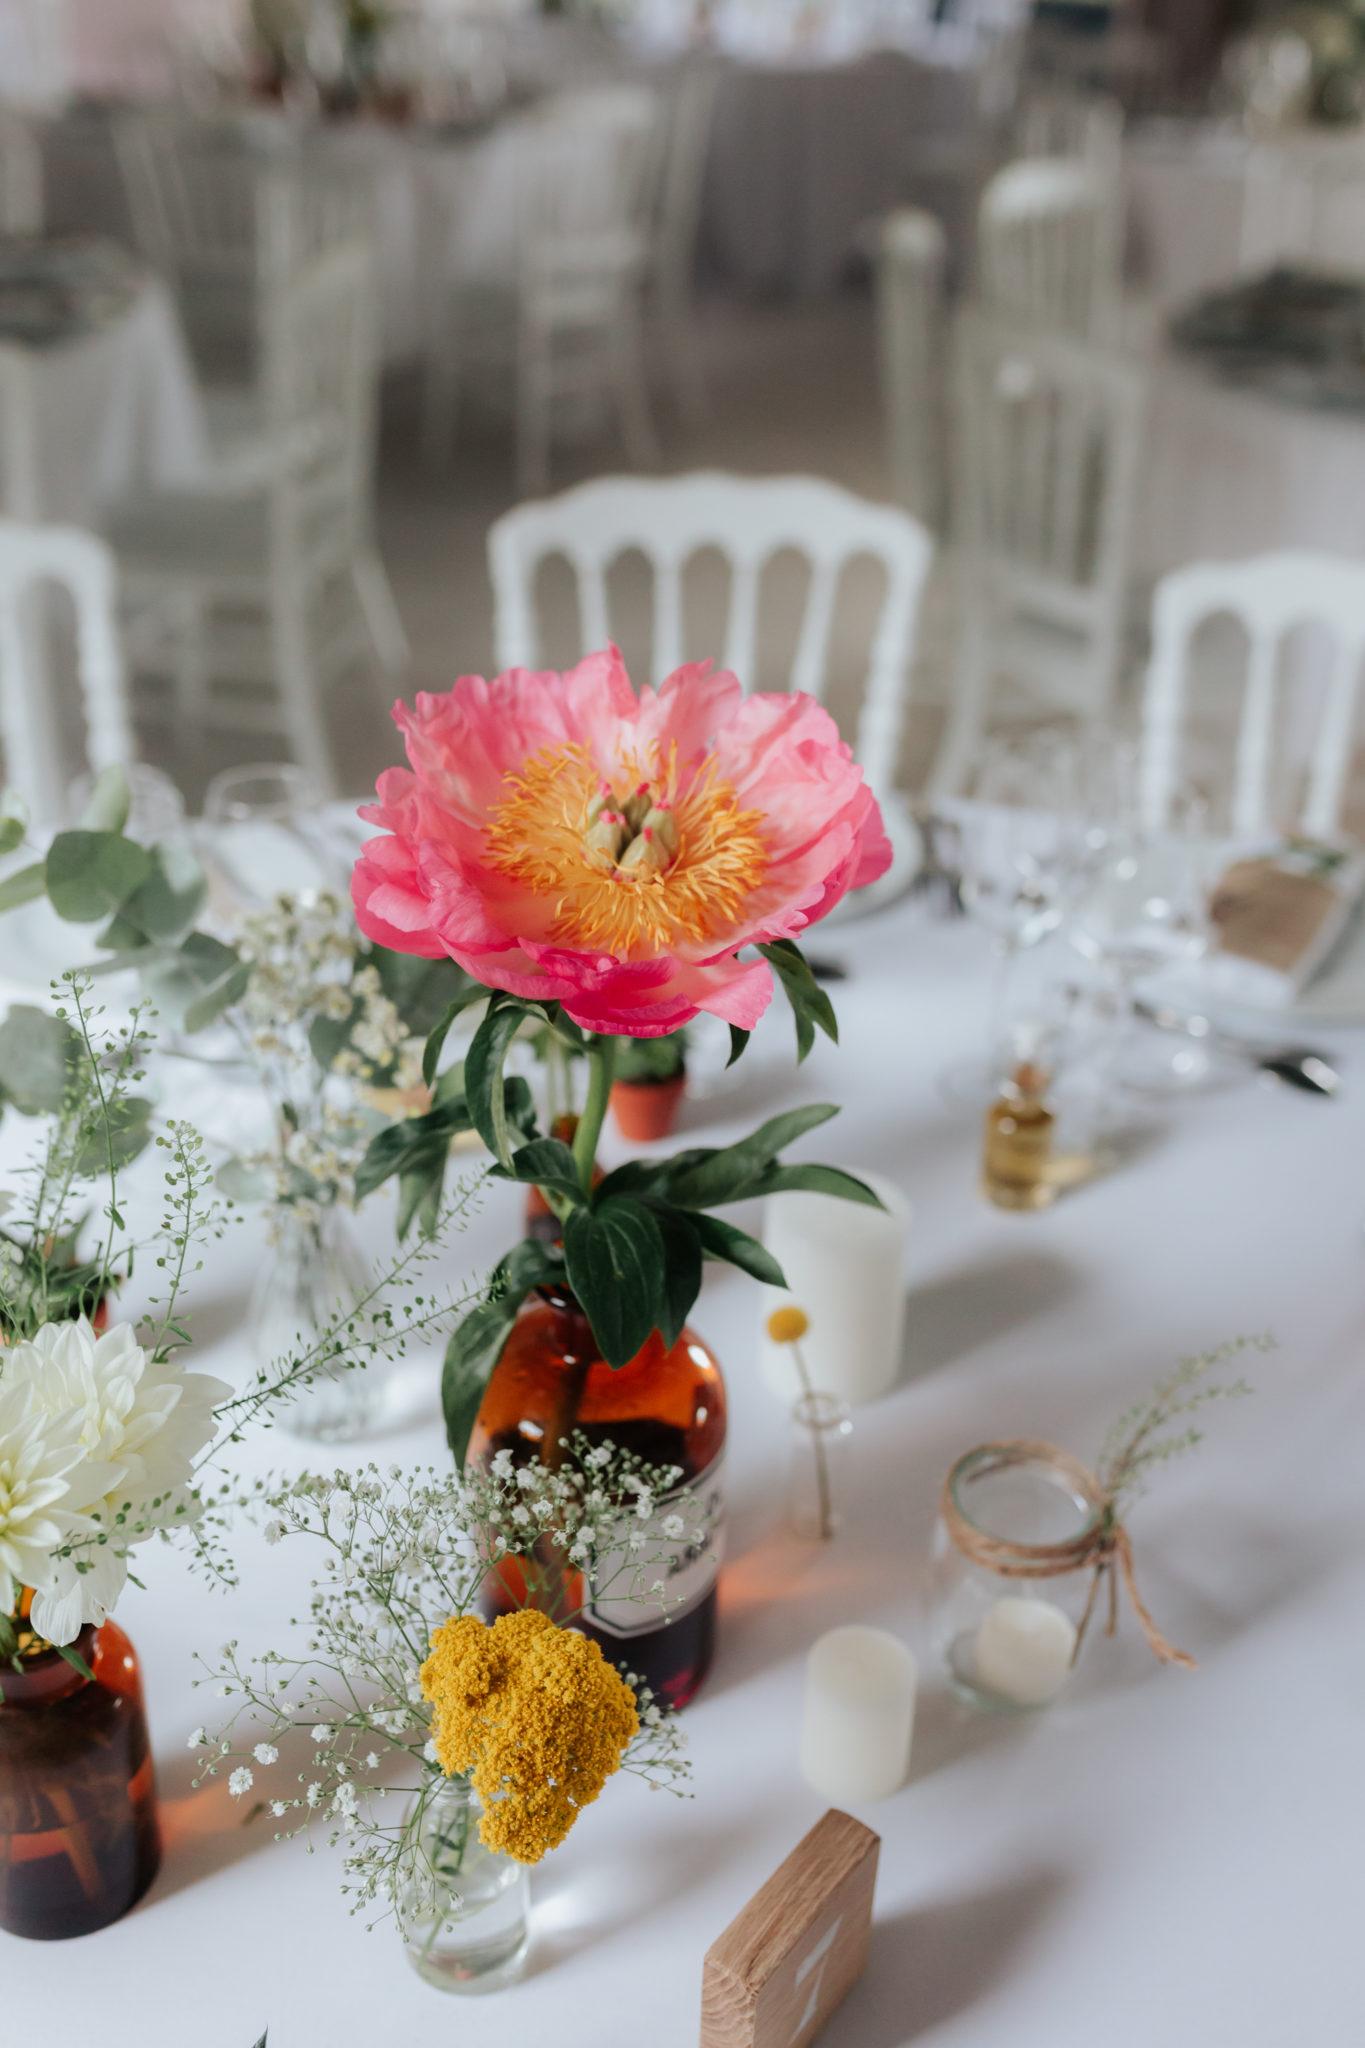 Décoration tables pivoine flacon kinfolk botanique Domaine Laumondiere Bagnoles de l'Orne